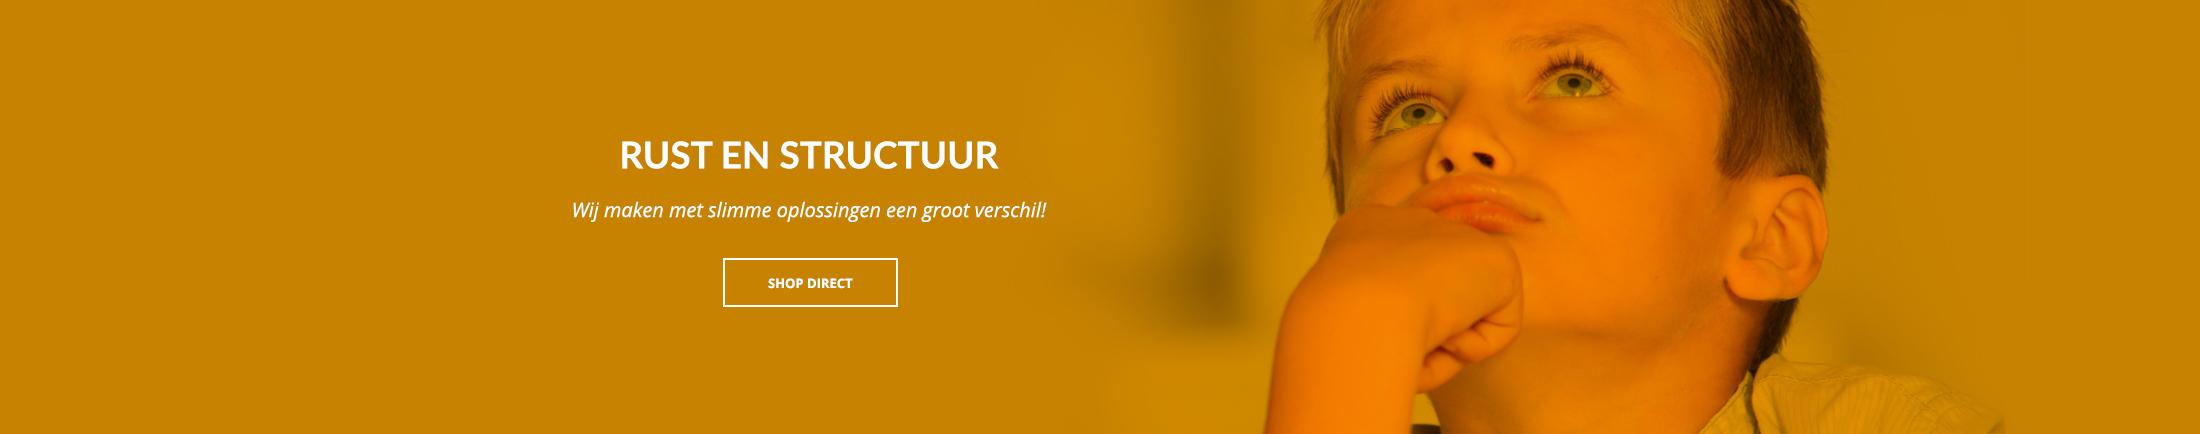 Mijnwerkplekje.nl webshop